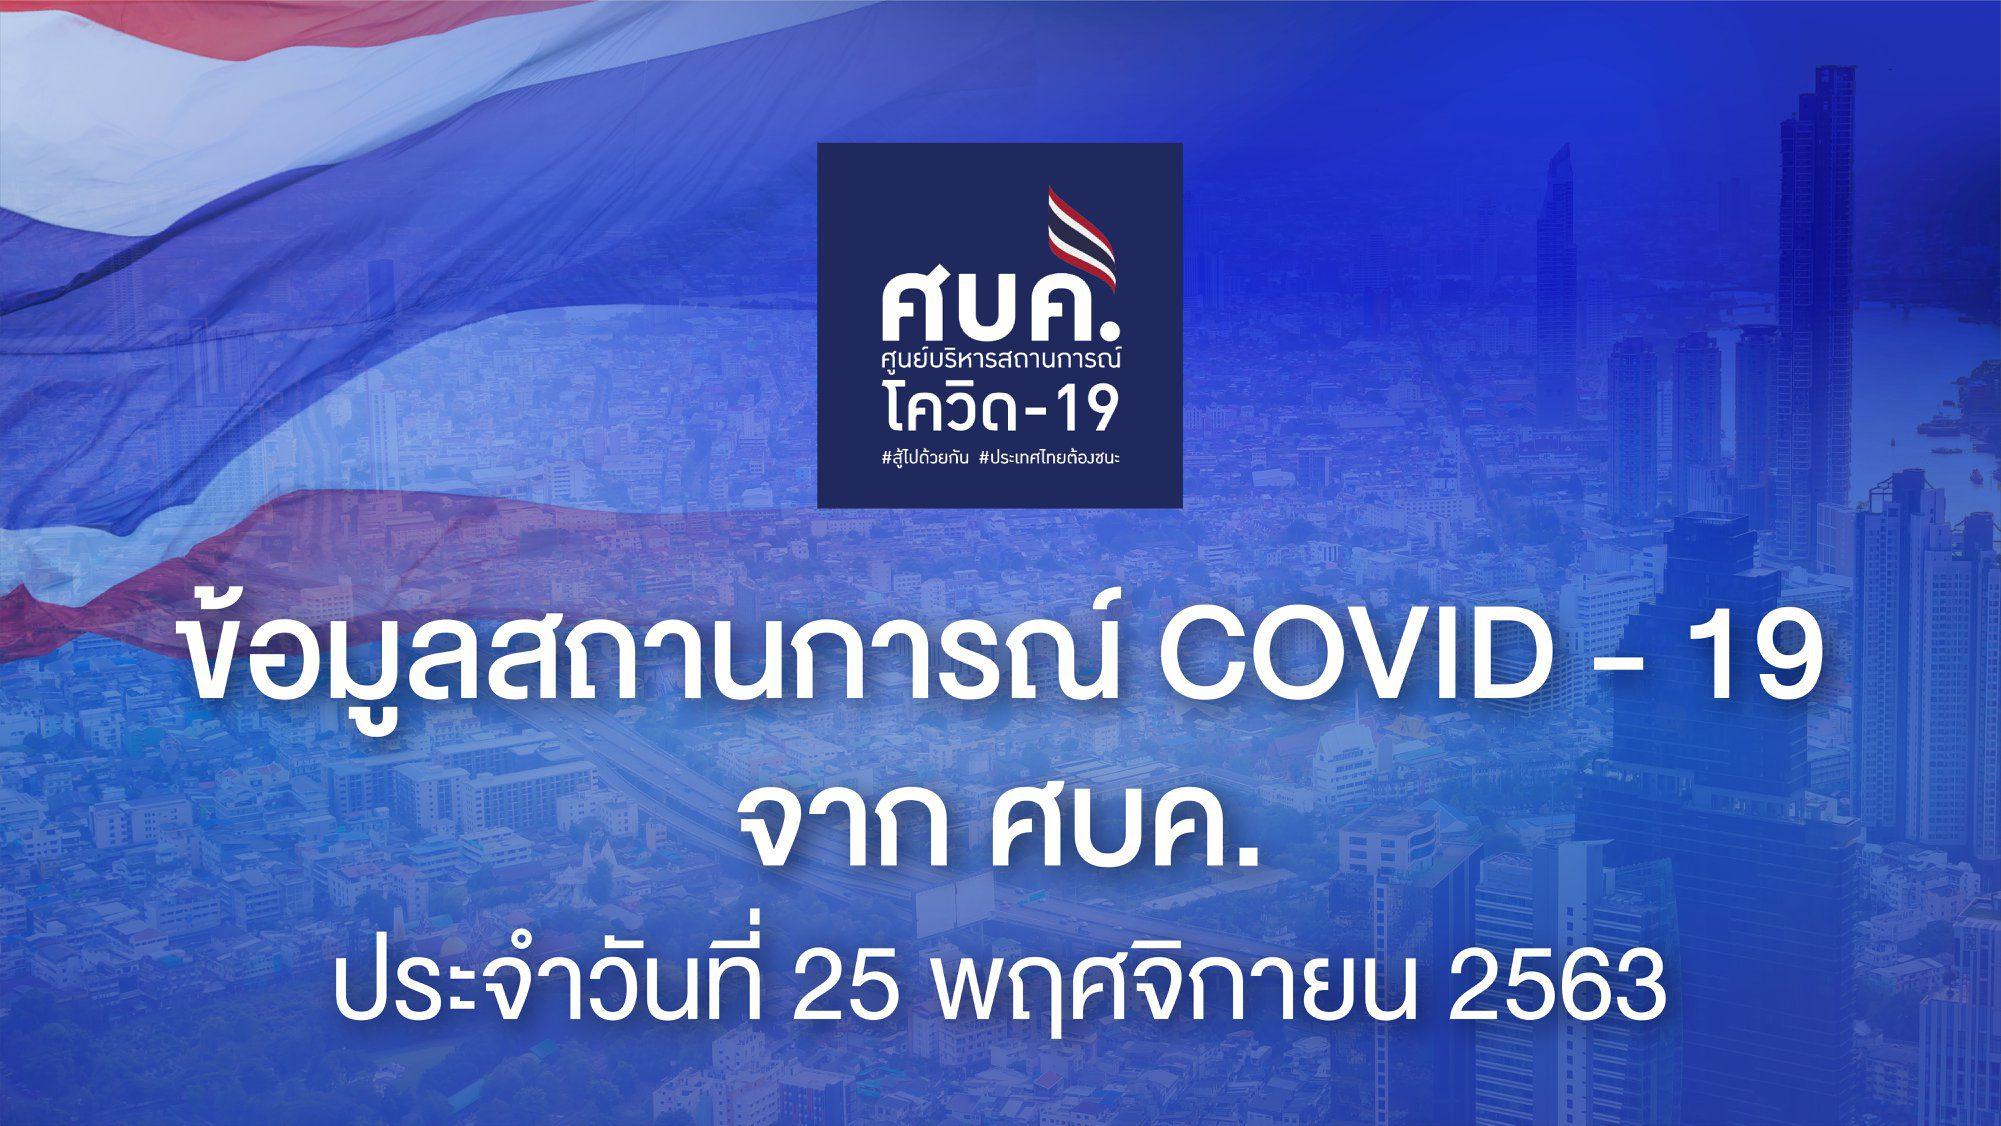 รายงาน โควิด-19 ในไทย วันที่ 25 พ.ย. 63